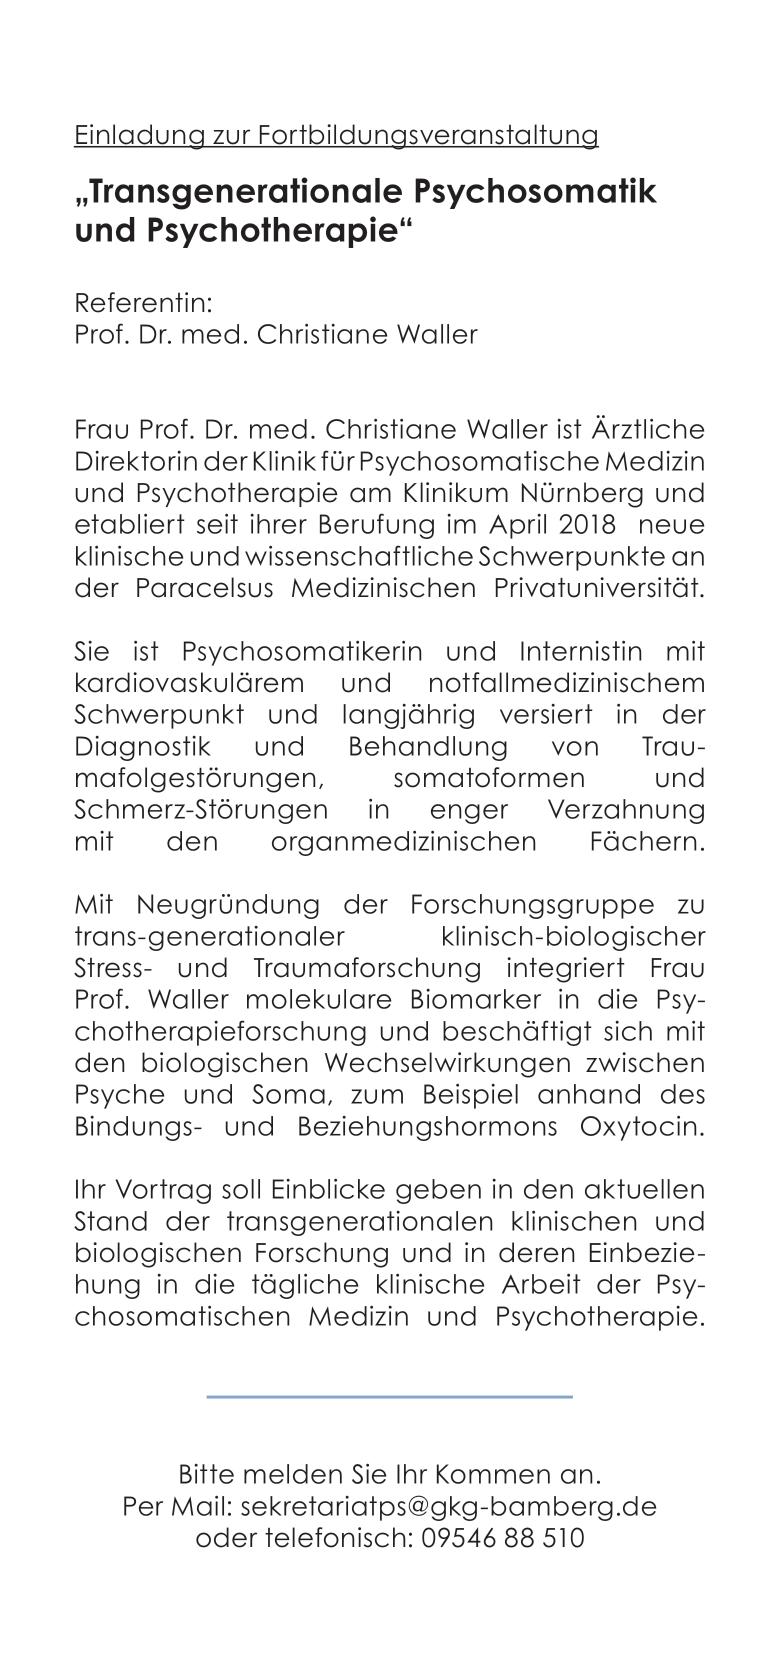 20191119 Fortbildungsveranstaltung Steigerwaldklinik0002